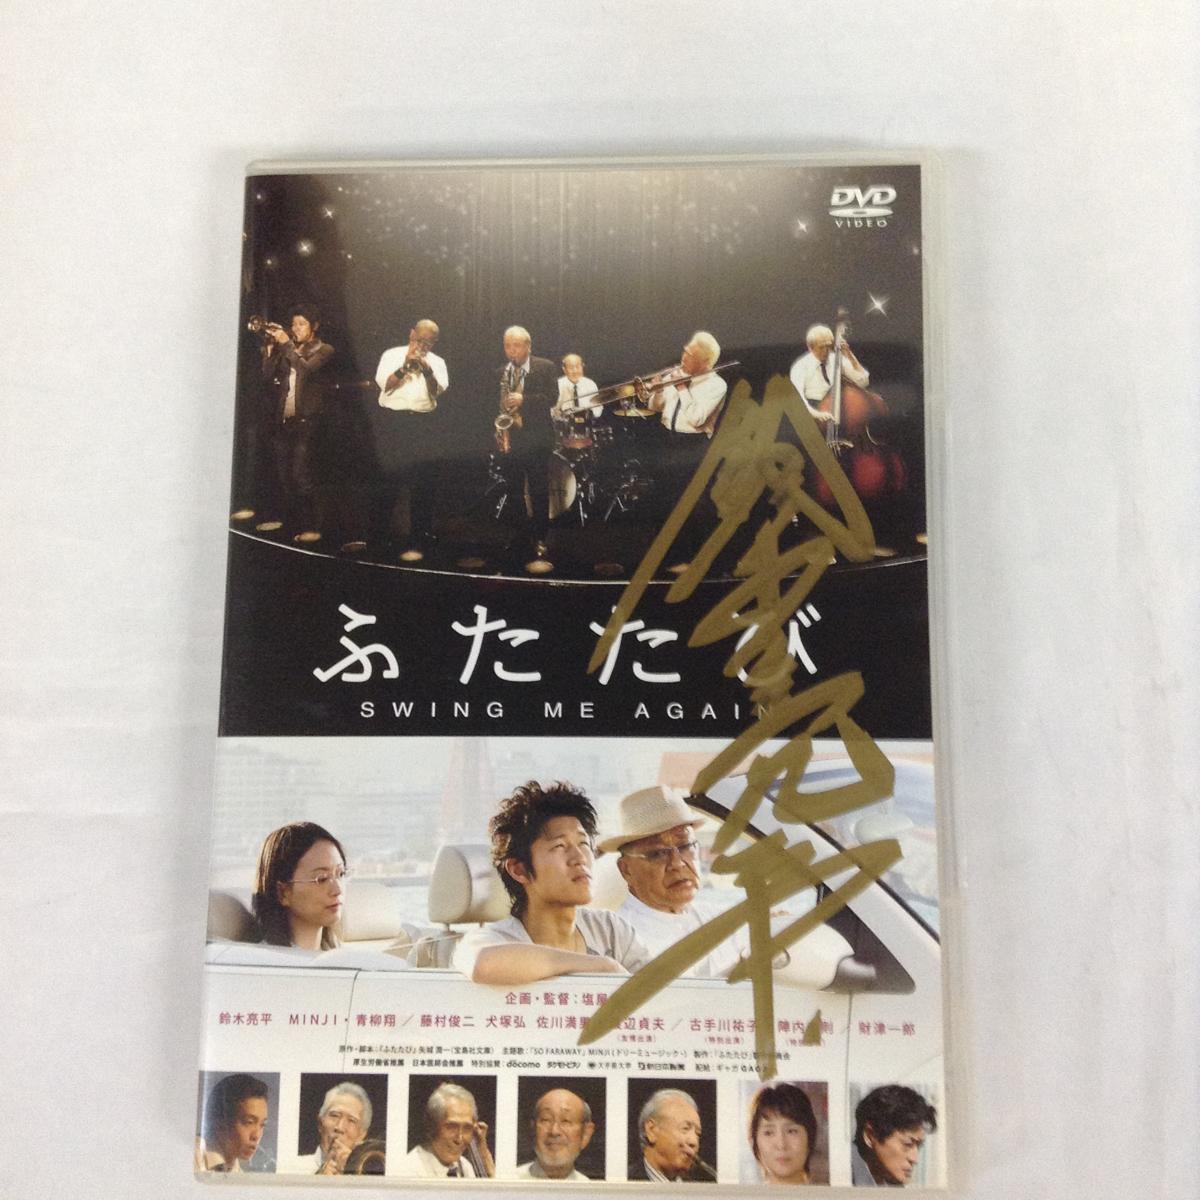 【中古DVD】ふたたび Swing Me Again コレクターズ・エディション 鈴木亮平サイン入り グッズの画像